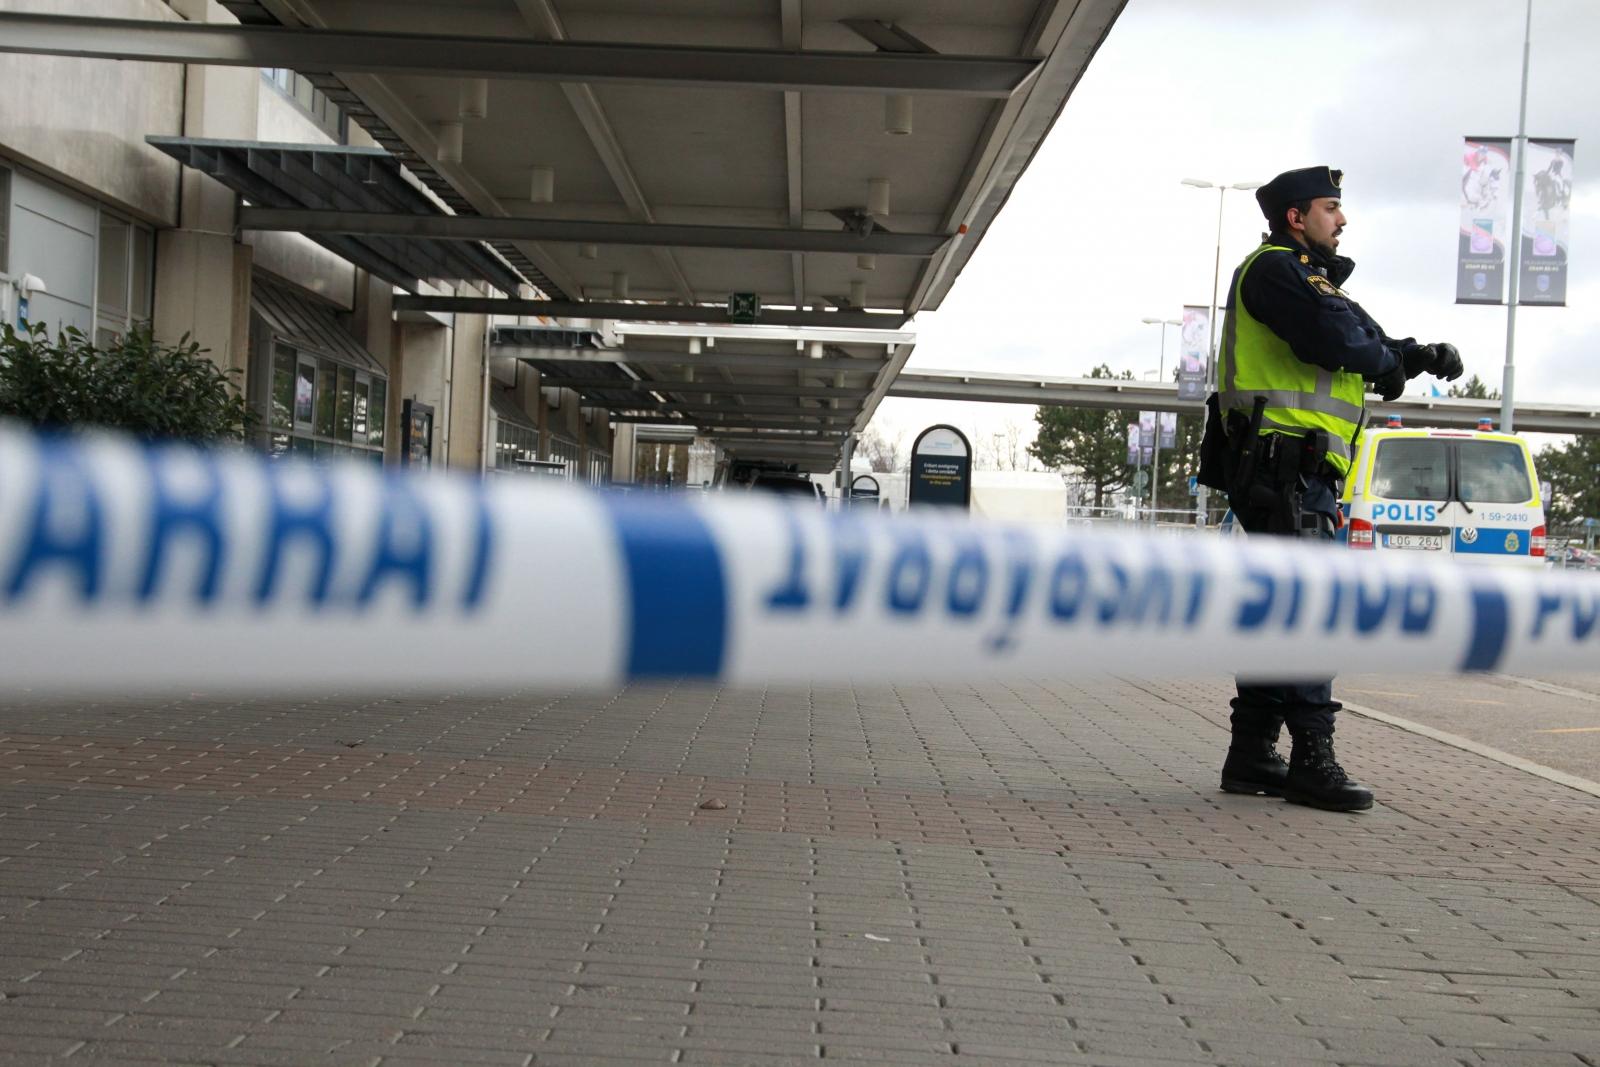 Sweden police